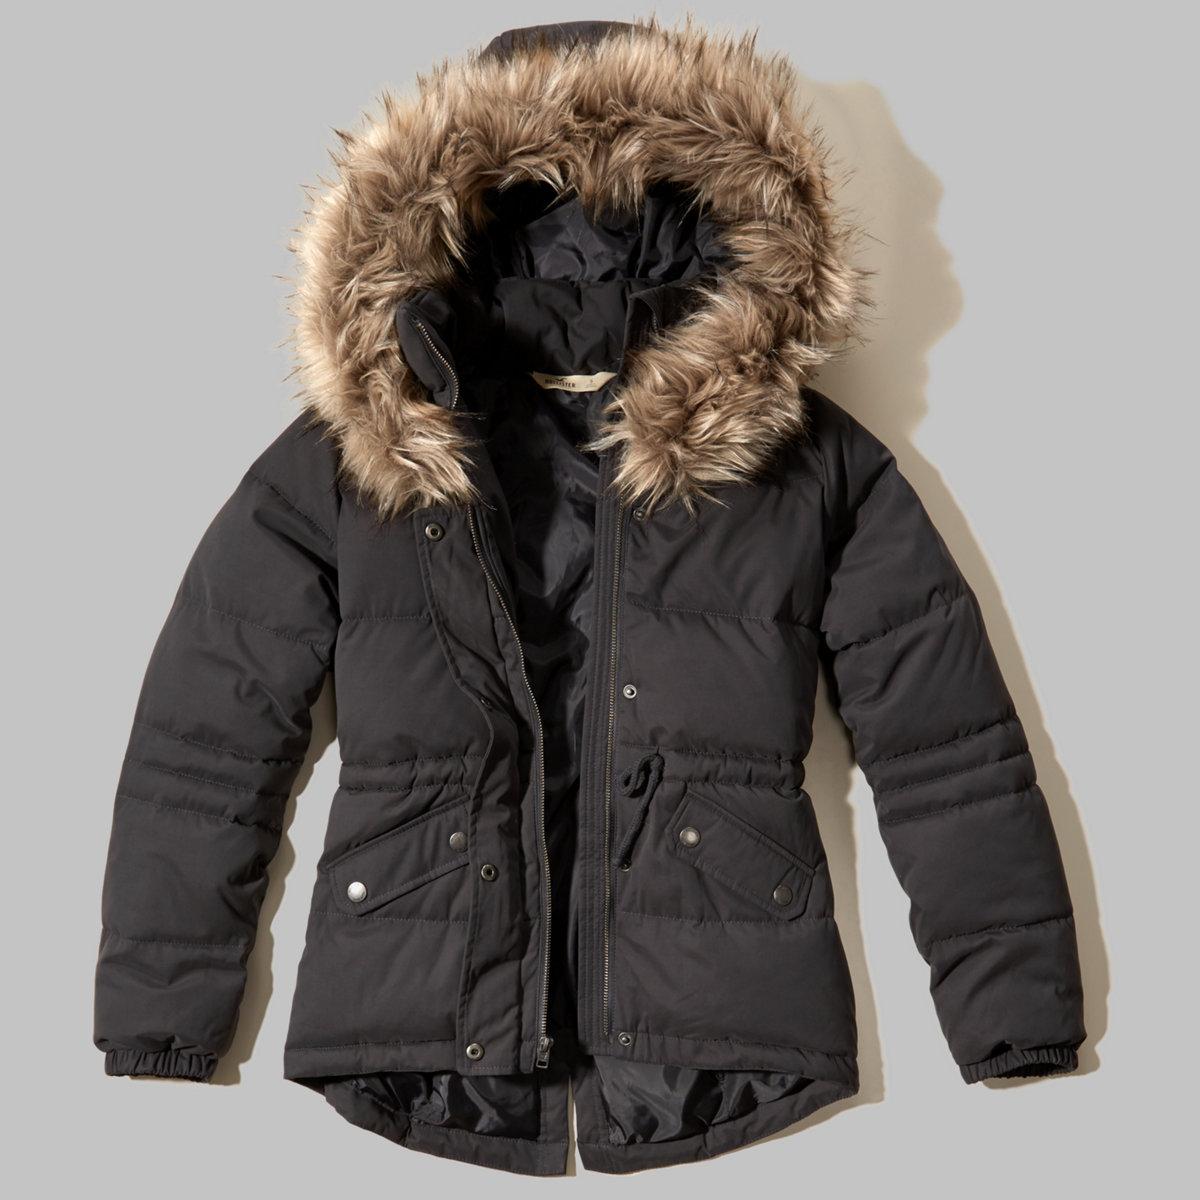 Fashion Puffer Jacket